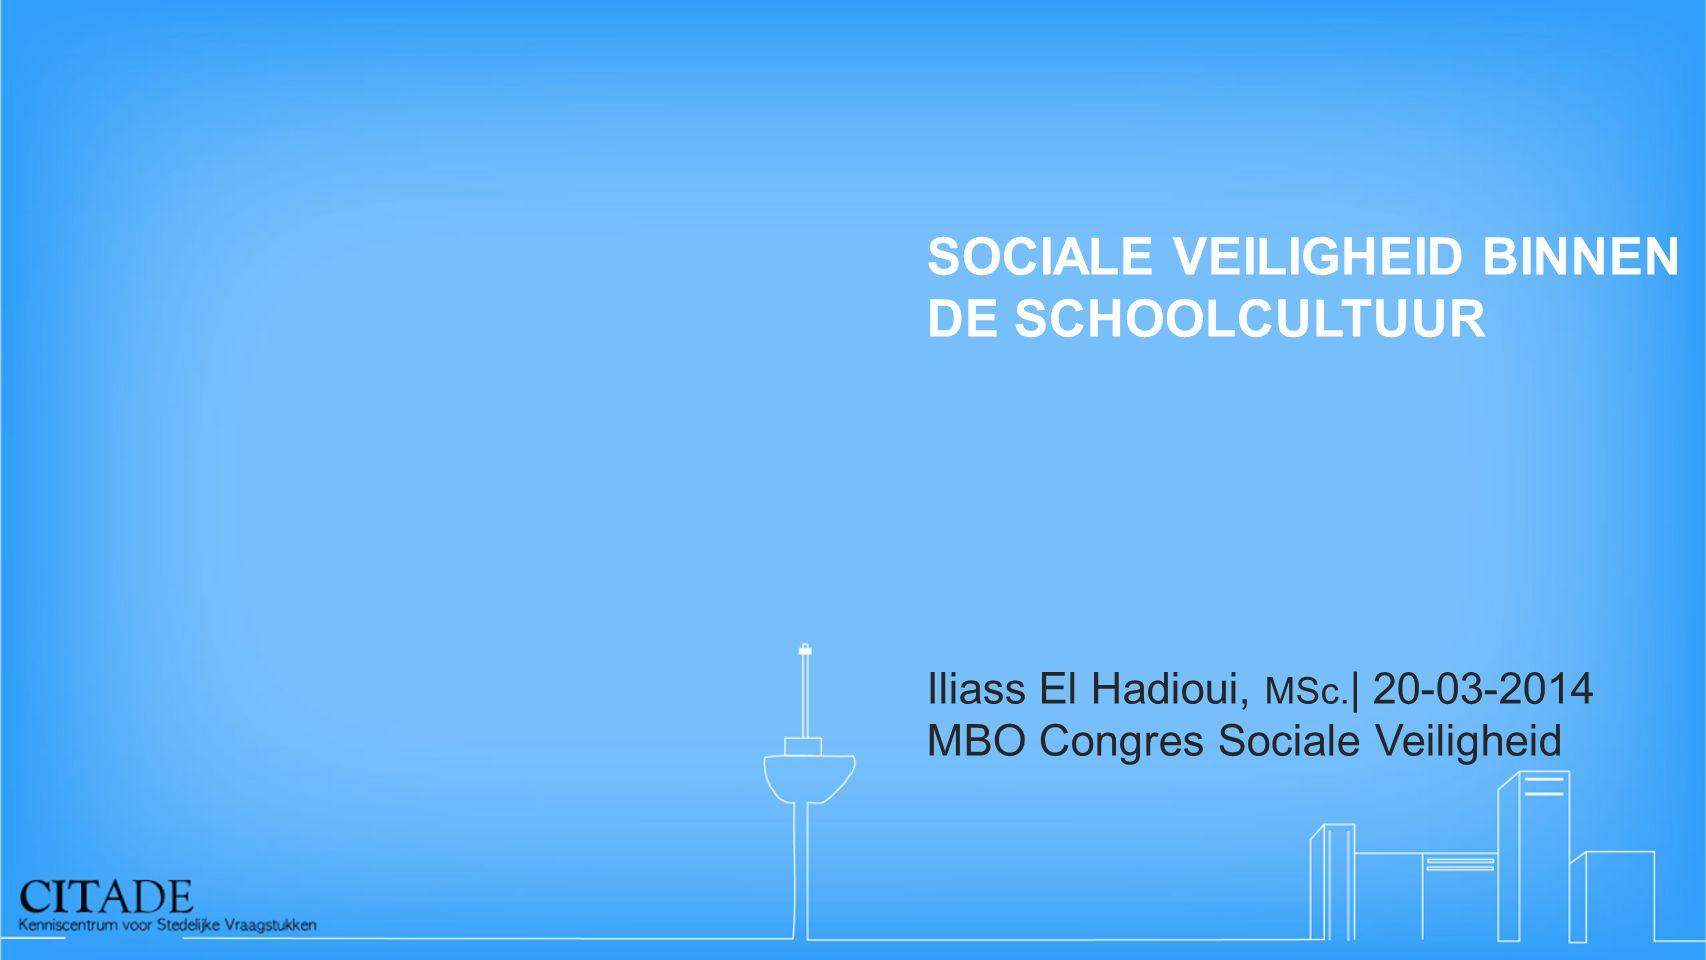 SOCIALE VEILIGHEID BINNEN DE SCHOOLCULTUUR